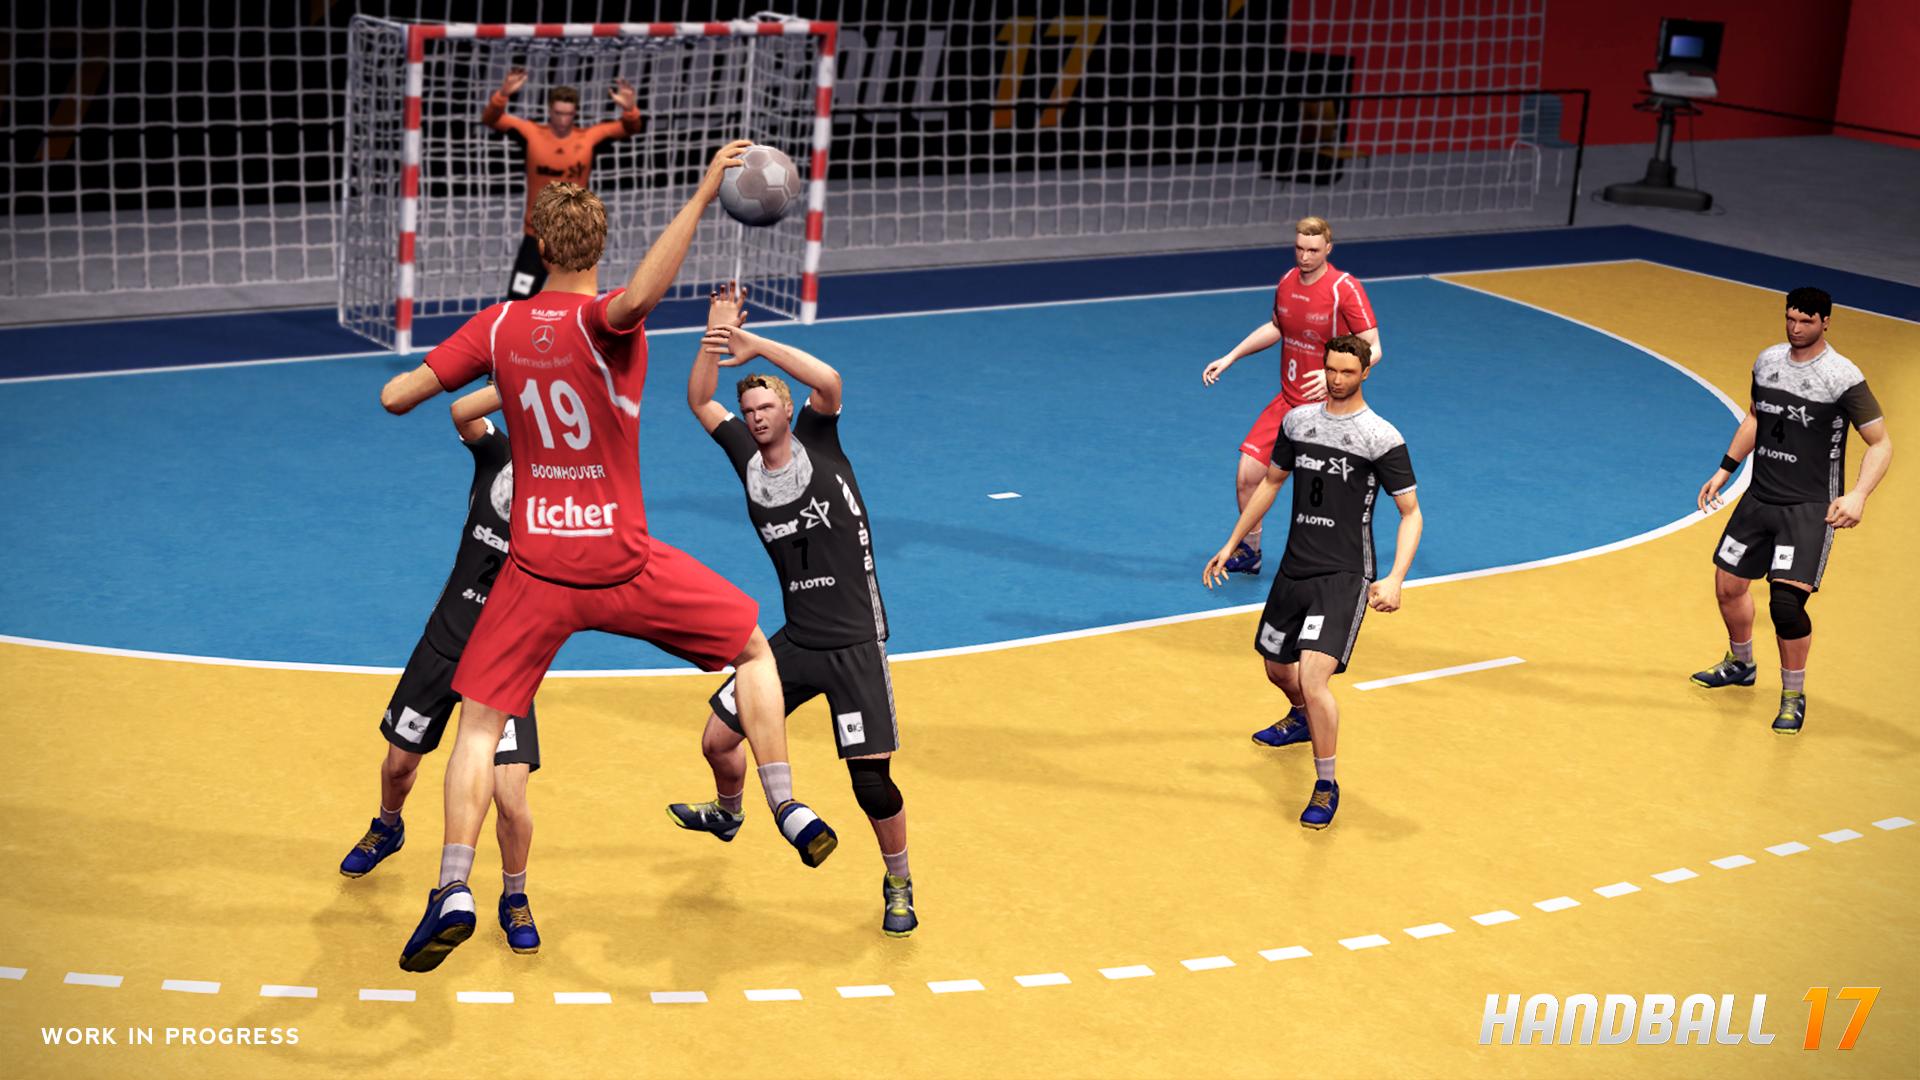 online handball